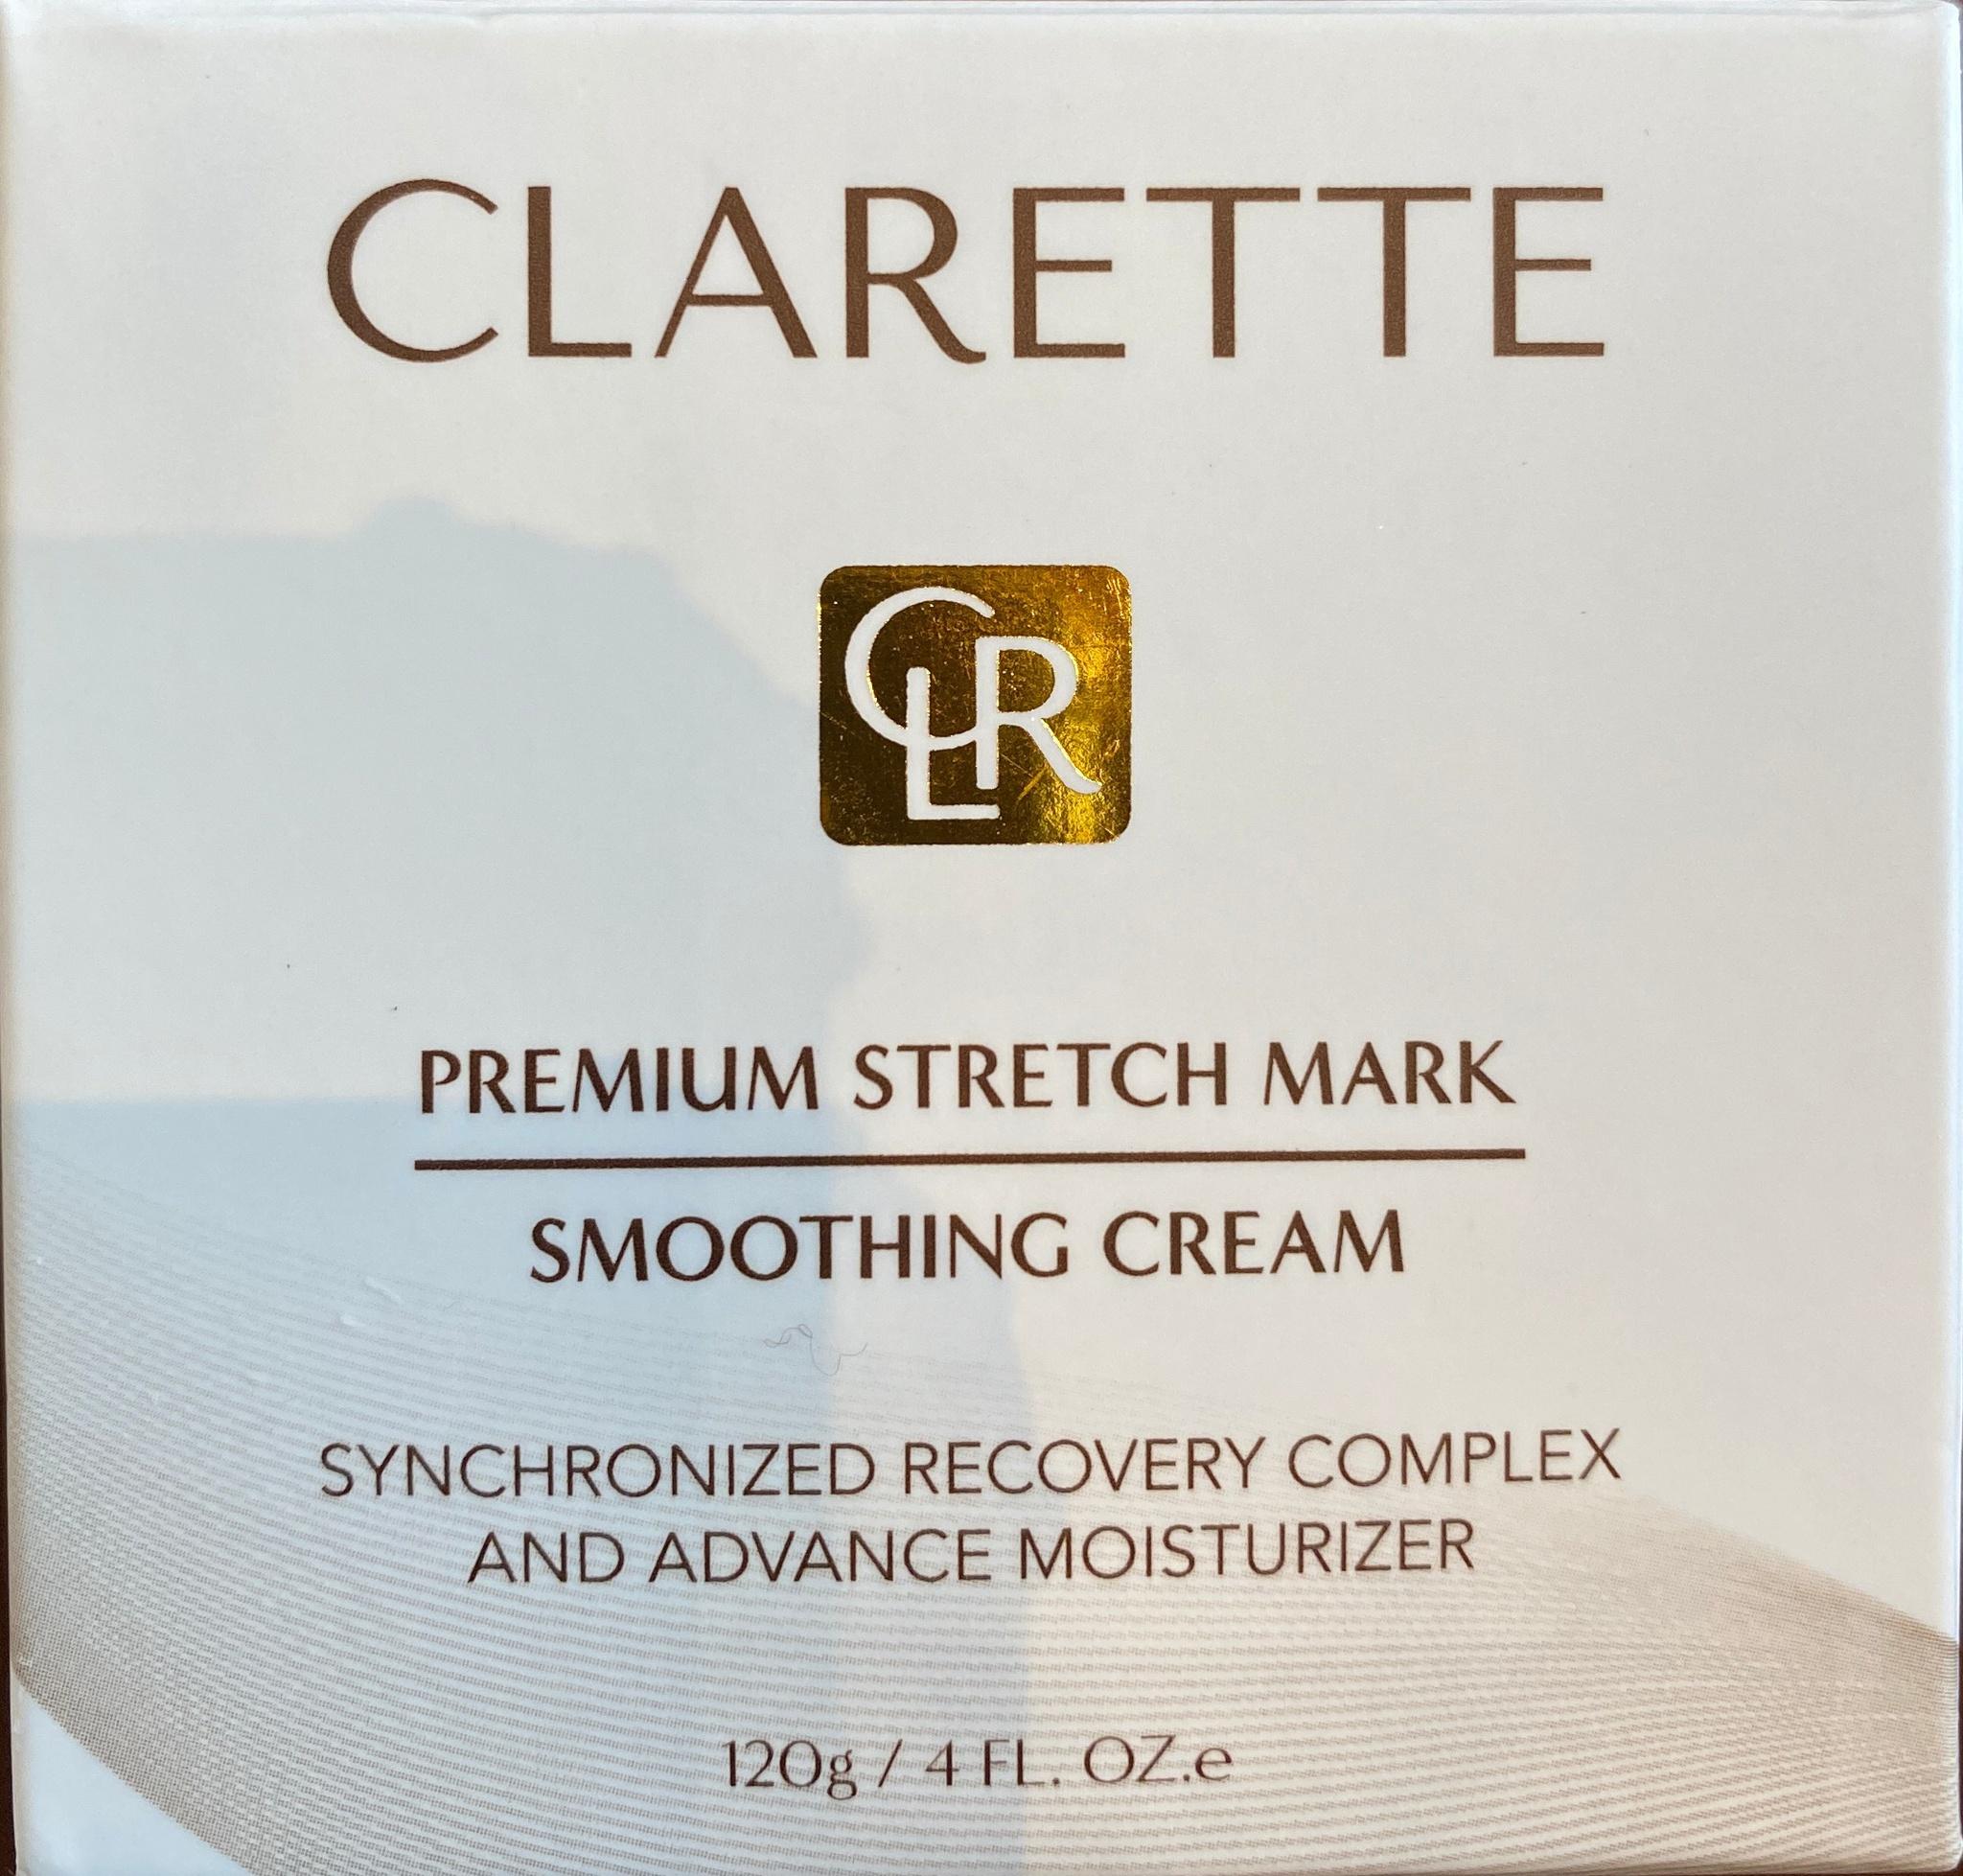 Clarette Premium Stretch Mark Smoothing Cream